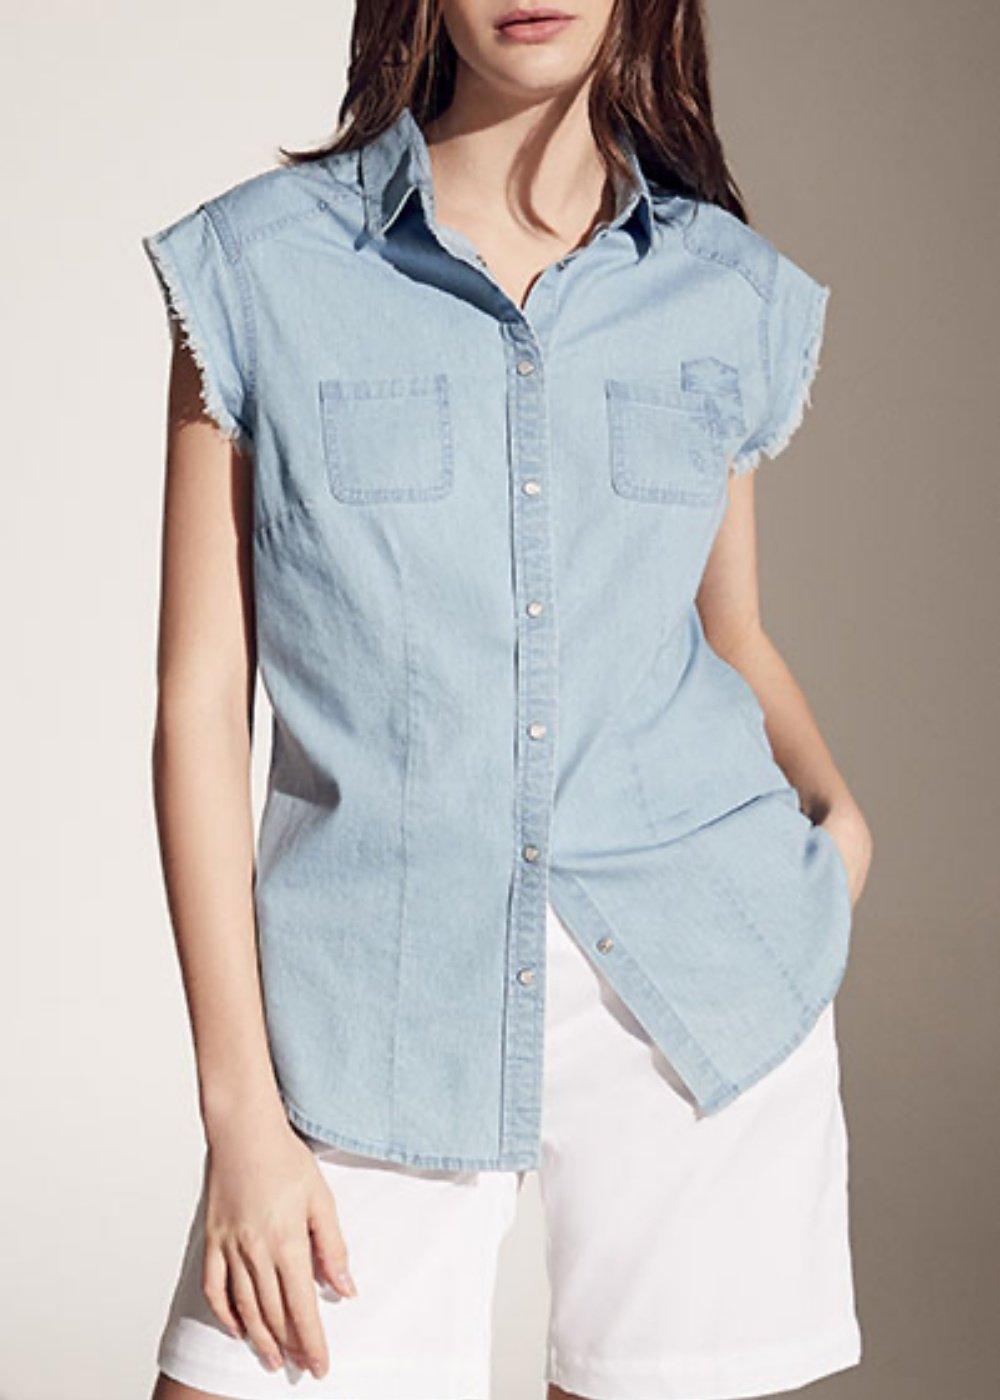 Camicia Candye in denim giro manica - Light Denim - Donna